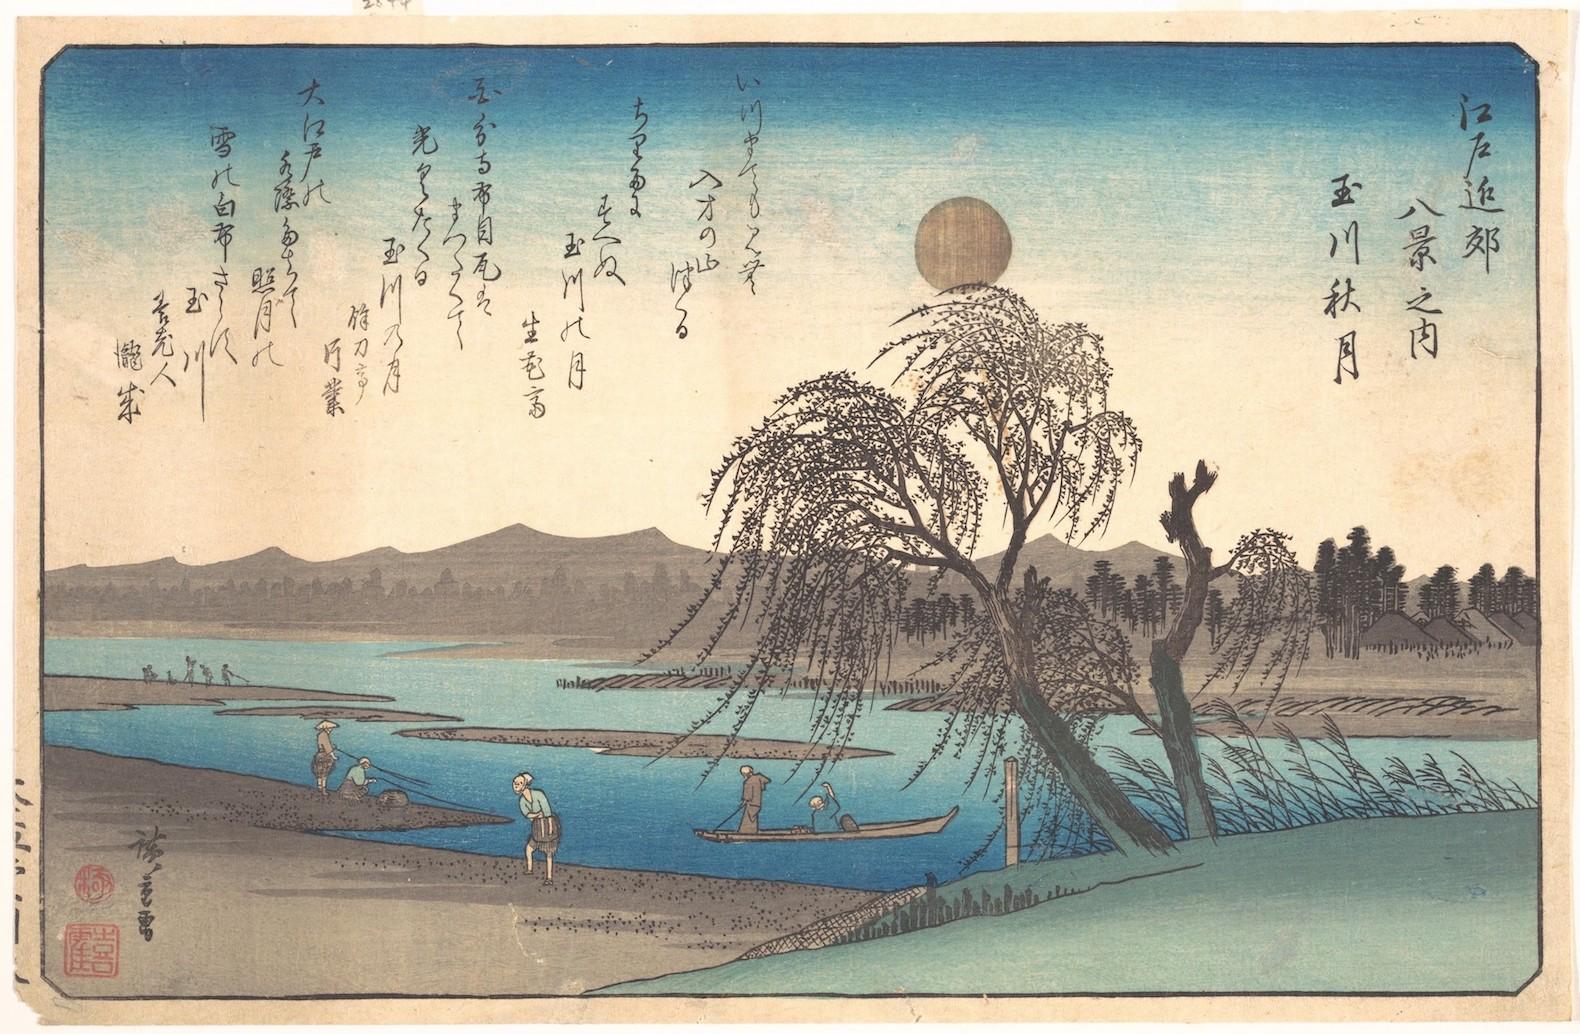 Autumn Moon on the Tama River